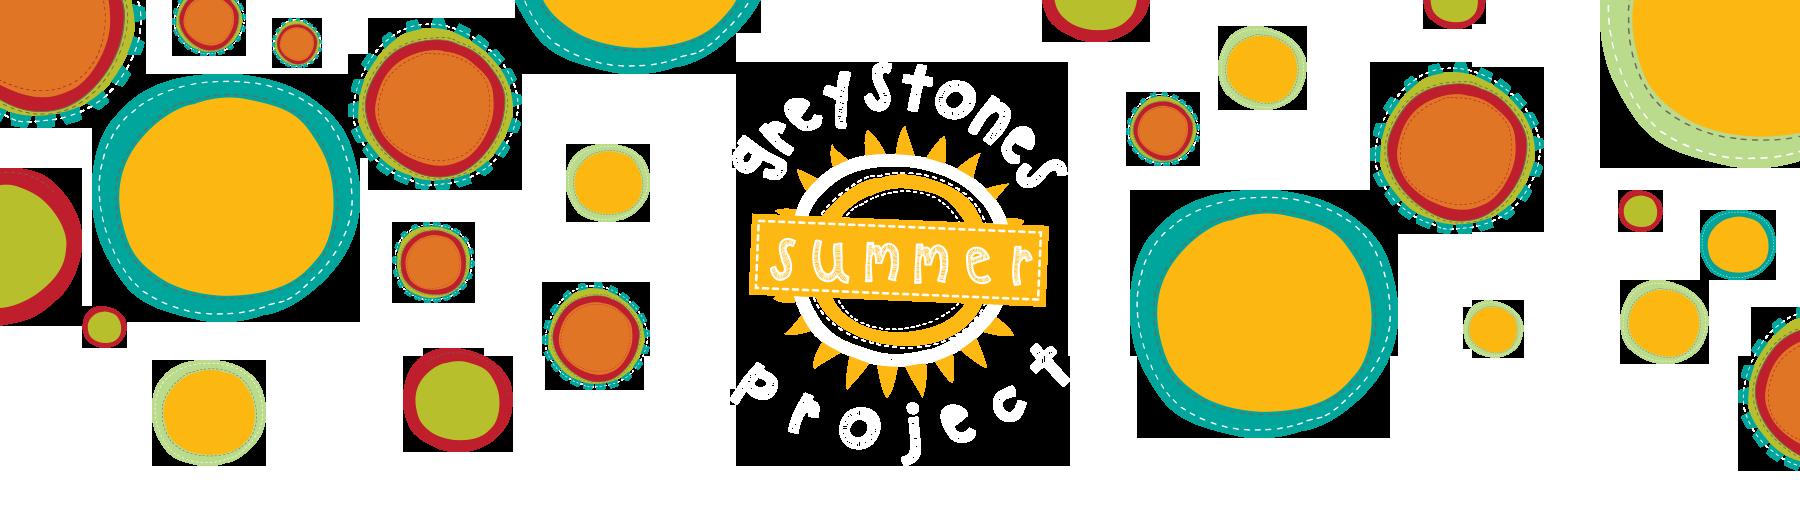 Greystones Summer Project - Junior Leader Application